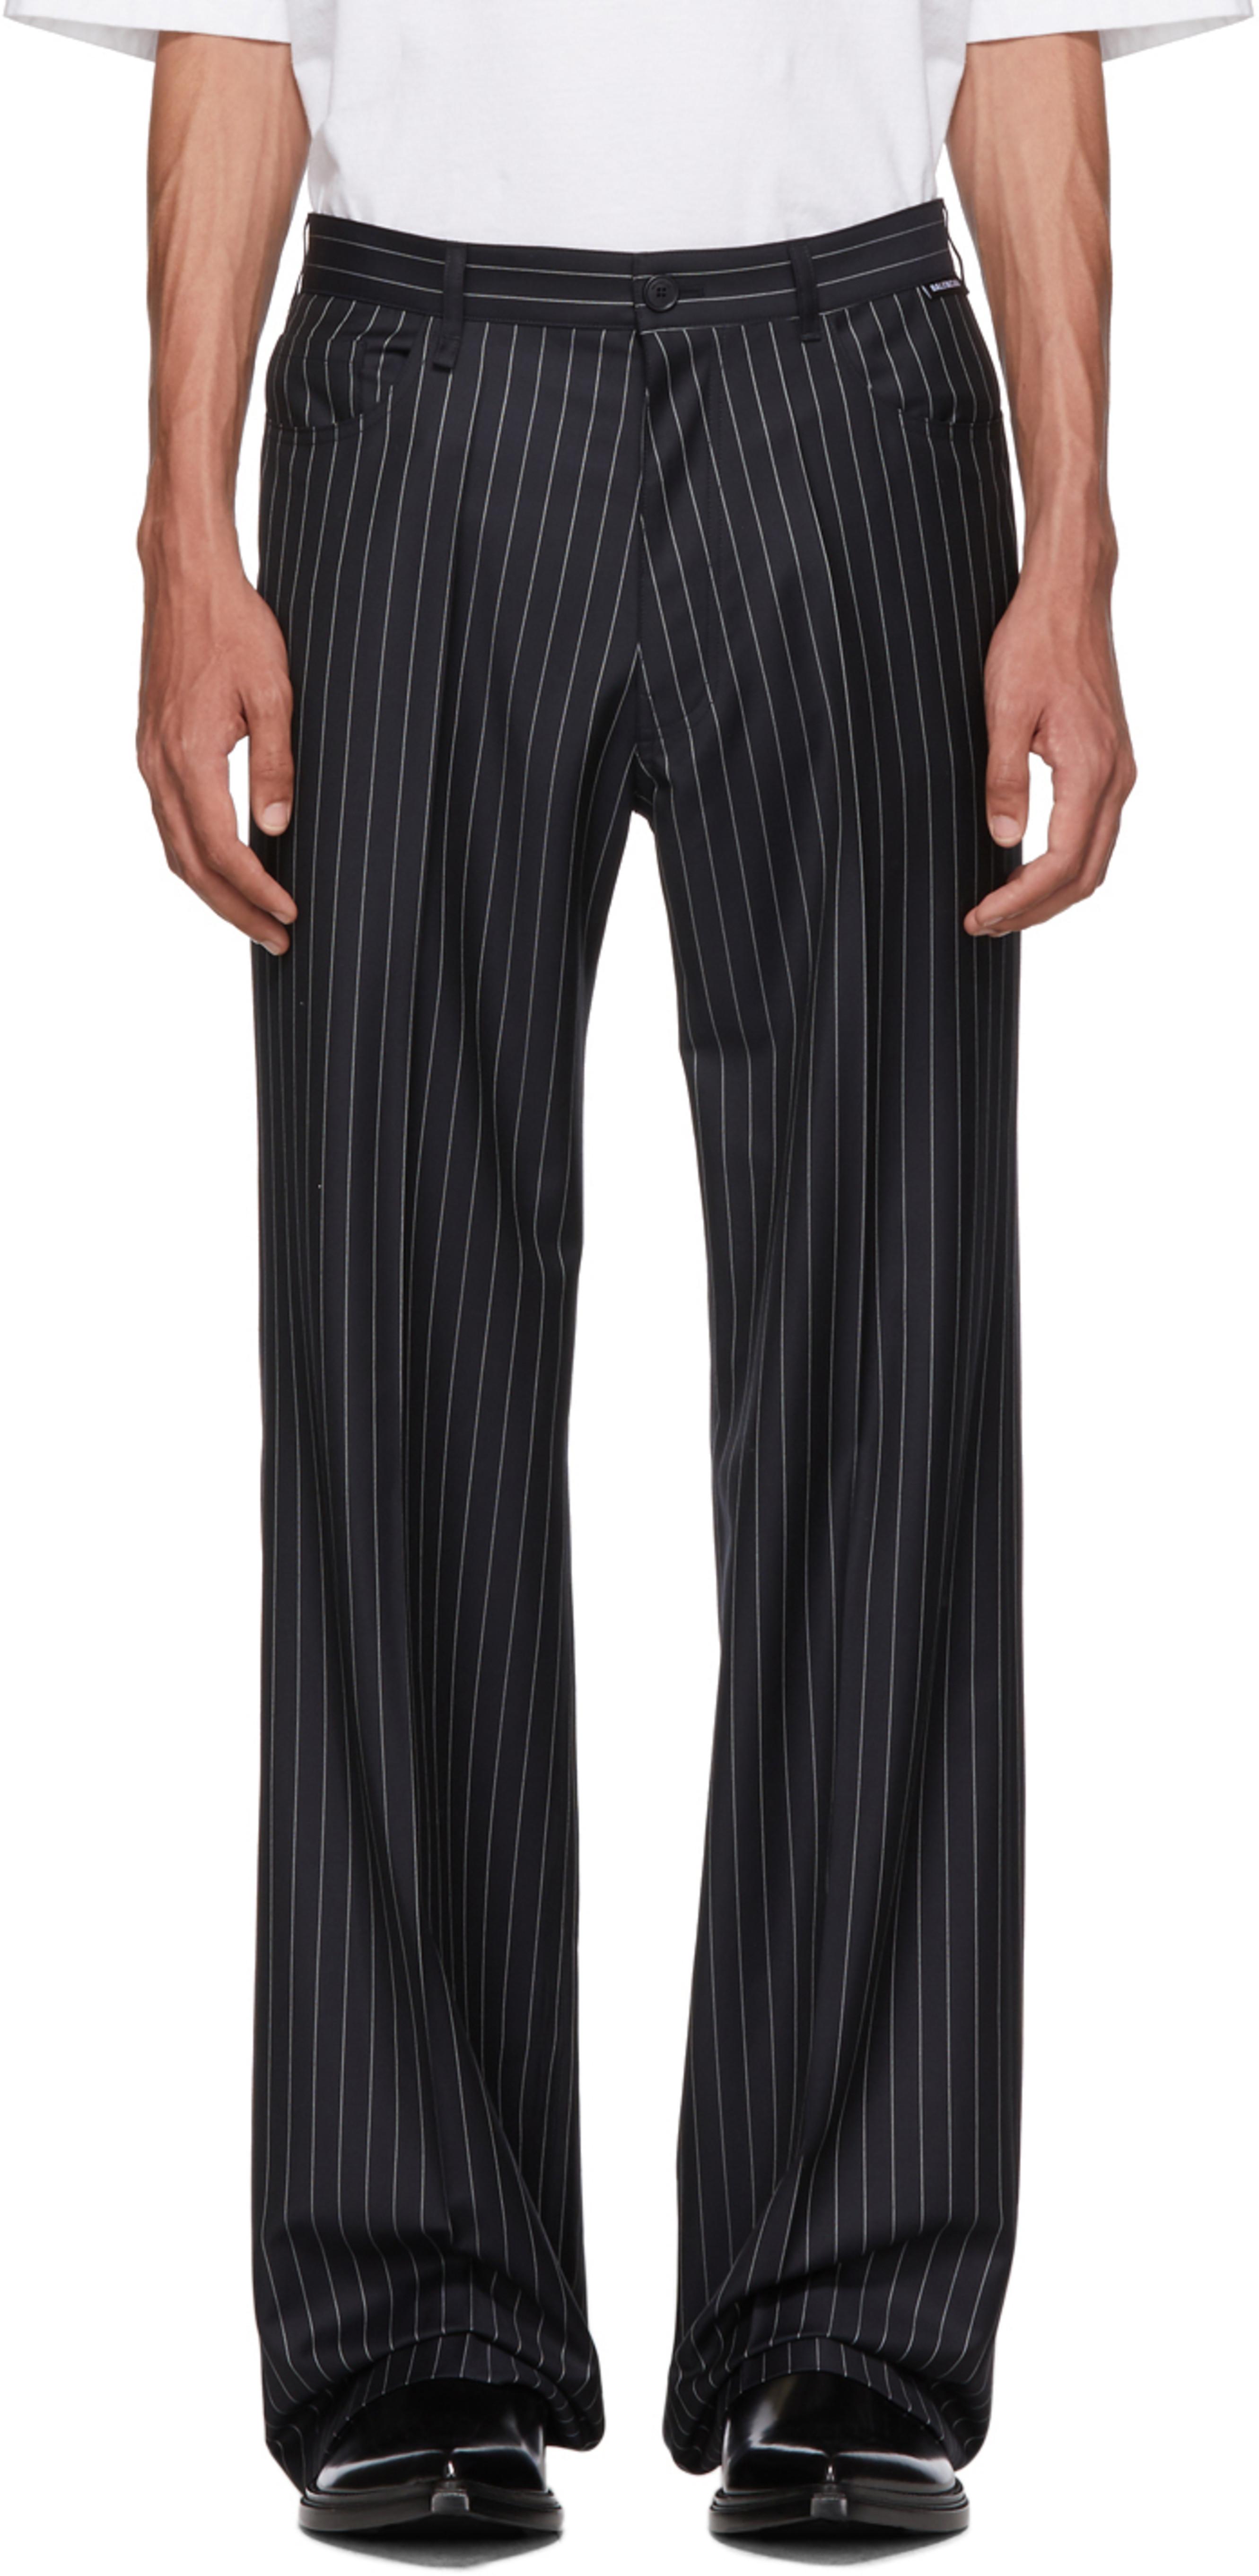 bfbd15c7a091 Balenciaga clothing for Men